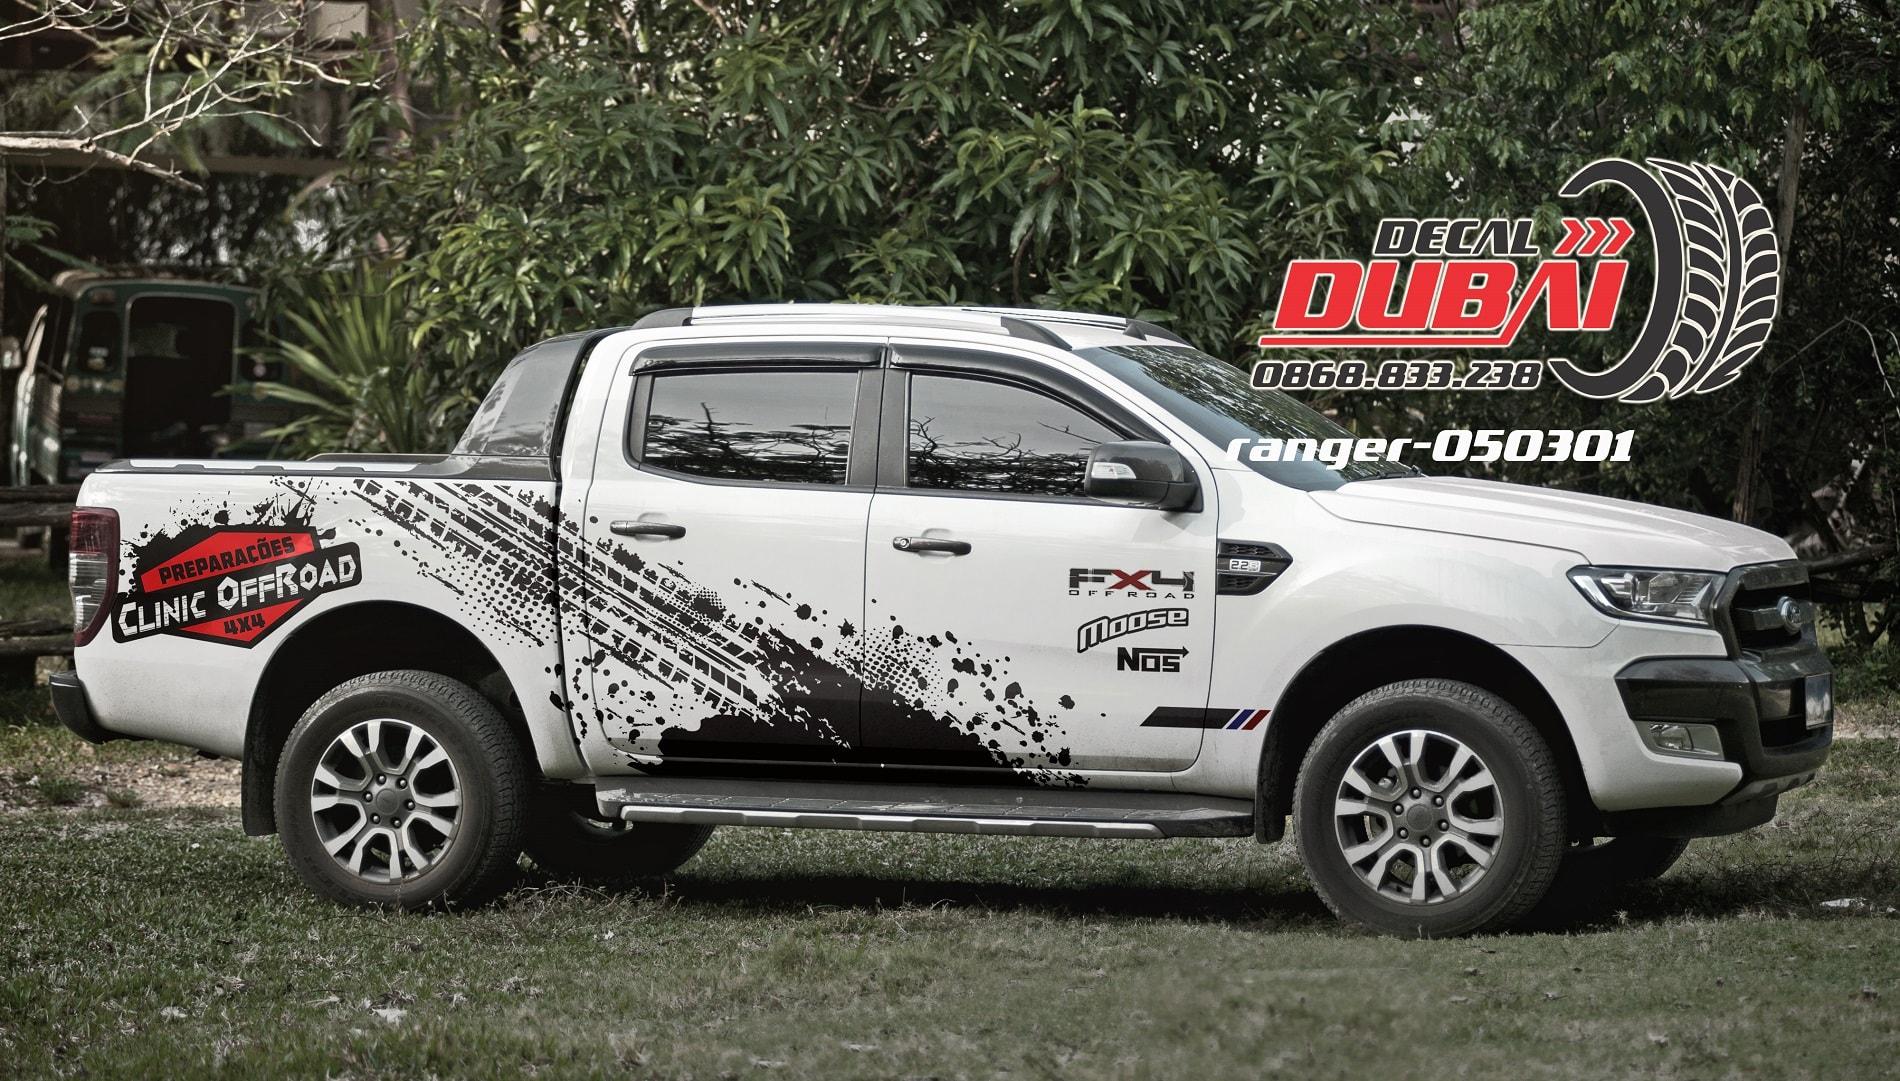 Tem-xe-ranger-050301-1650k-min